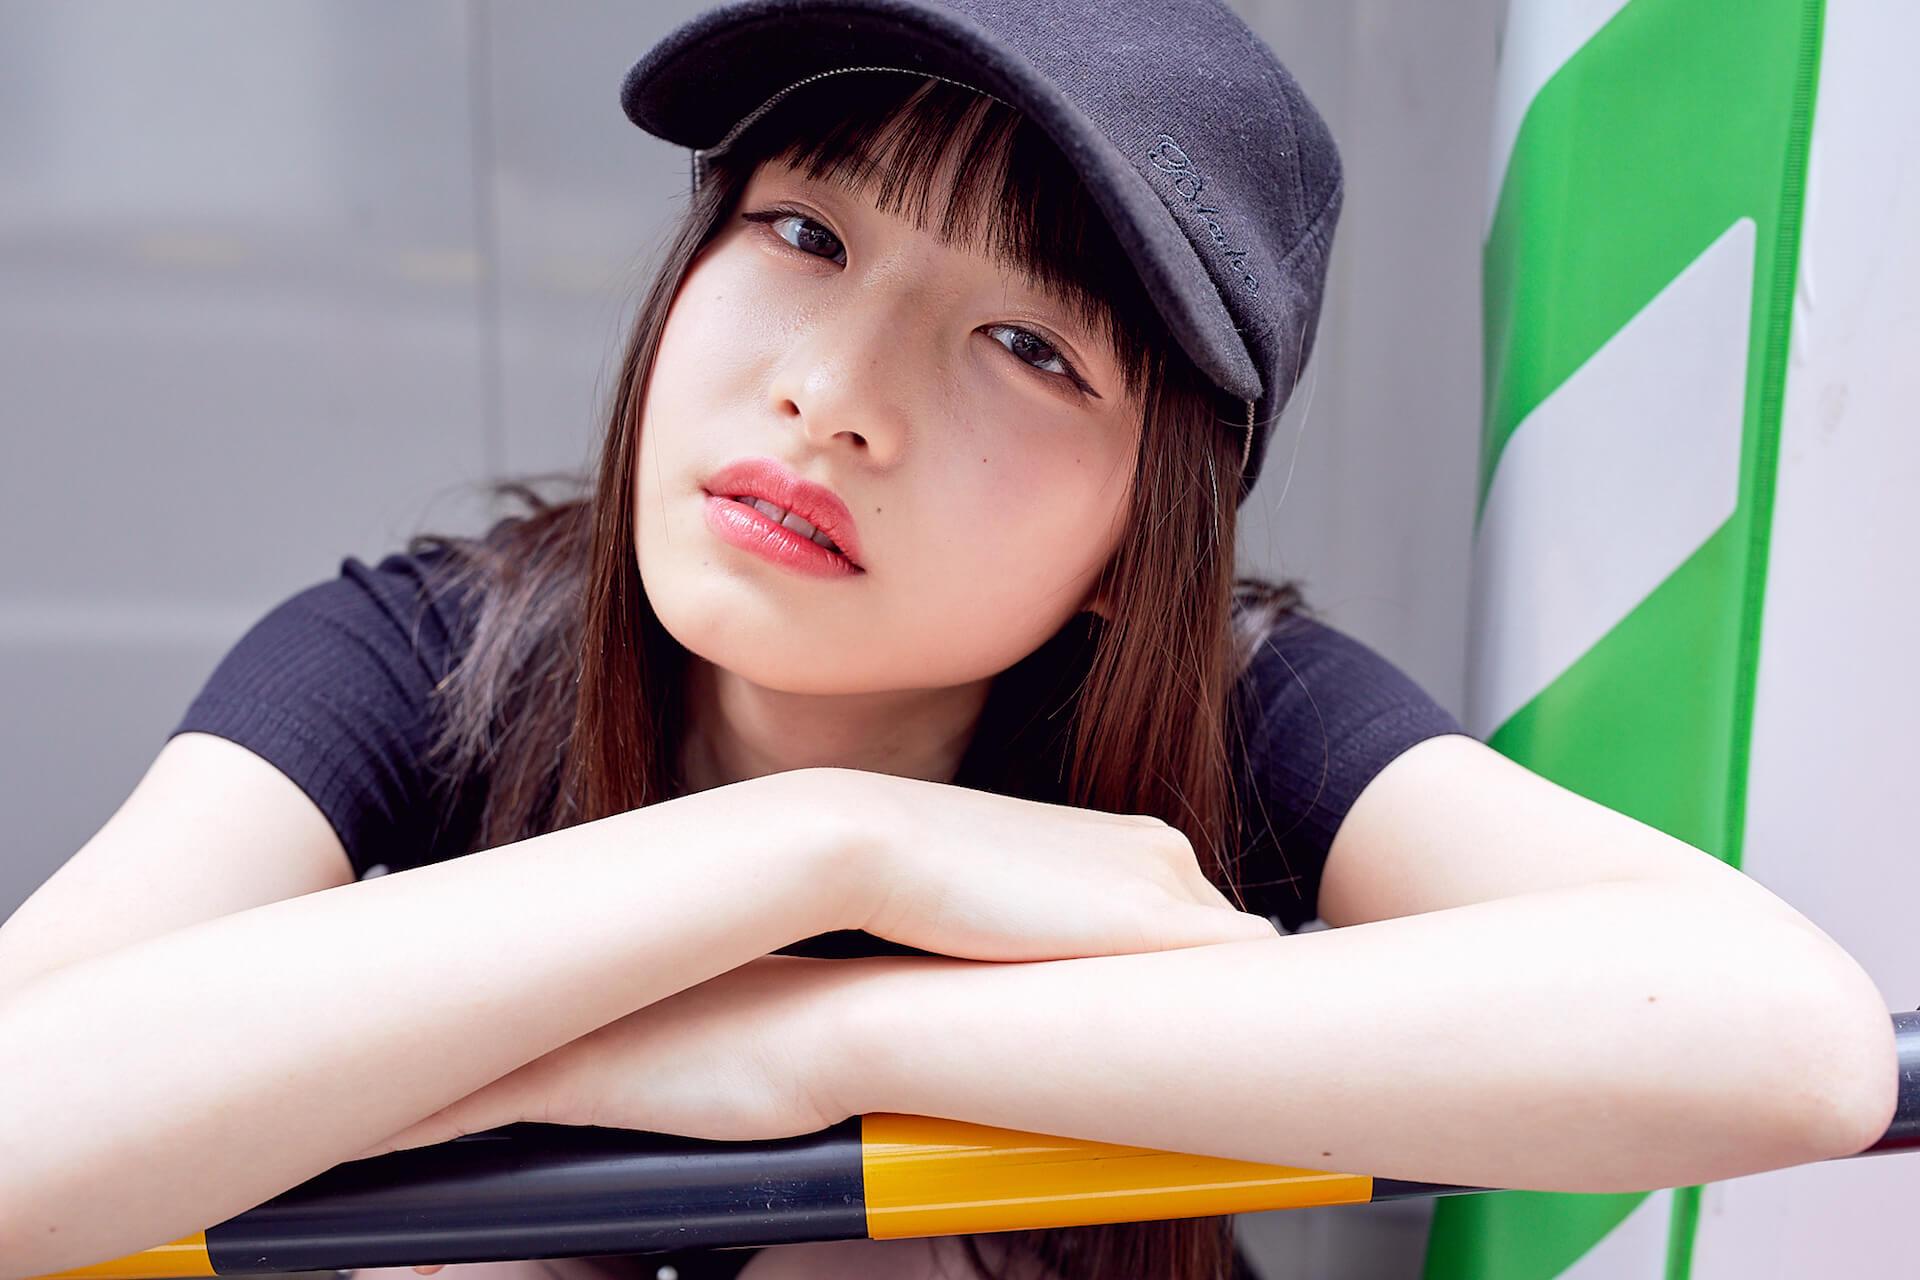 内田珠鈴はなぜ、自分をさらけ出そうと思ったのか? 初EP『光の中を泳ぐ』について語る interview190517-uchida-shuri-6